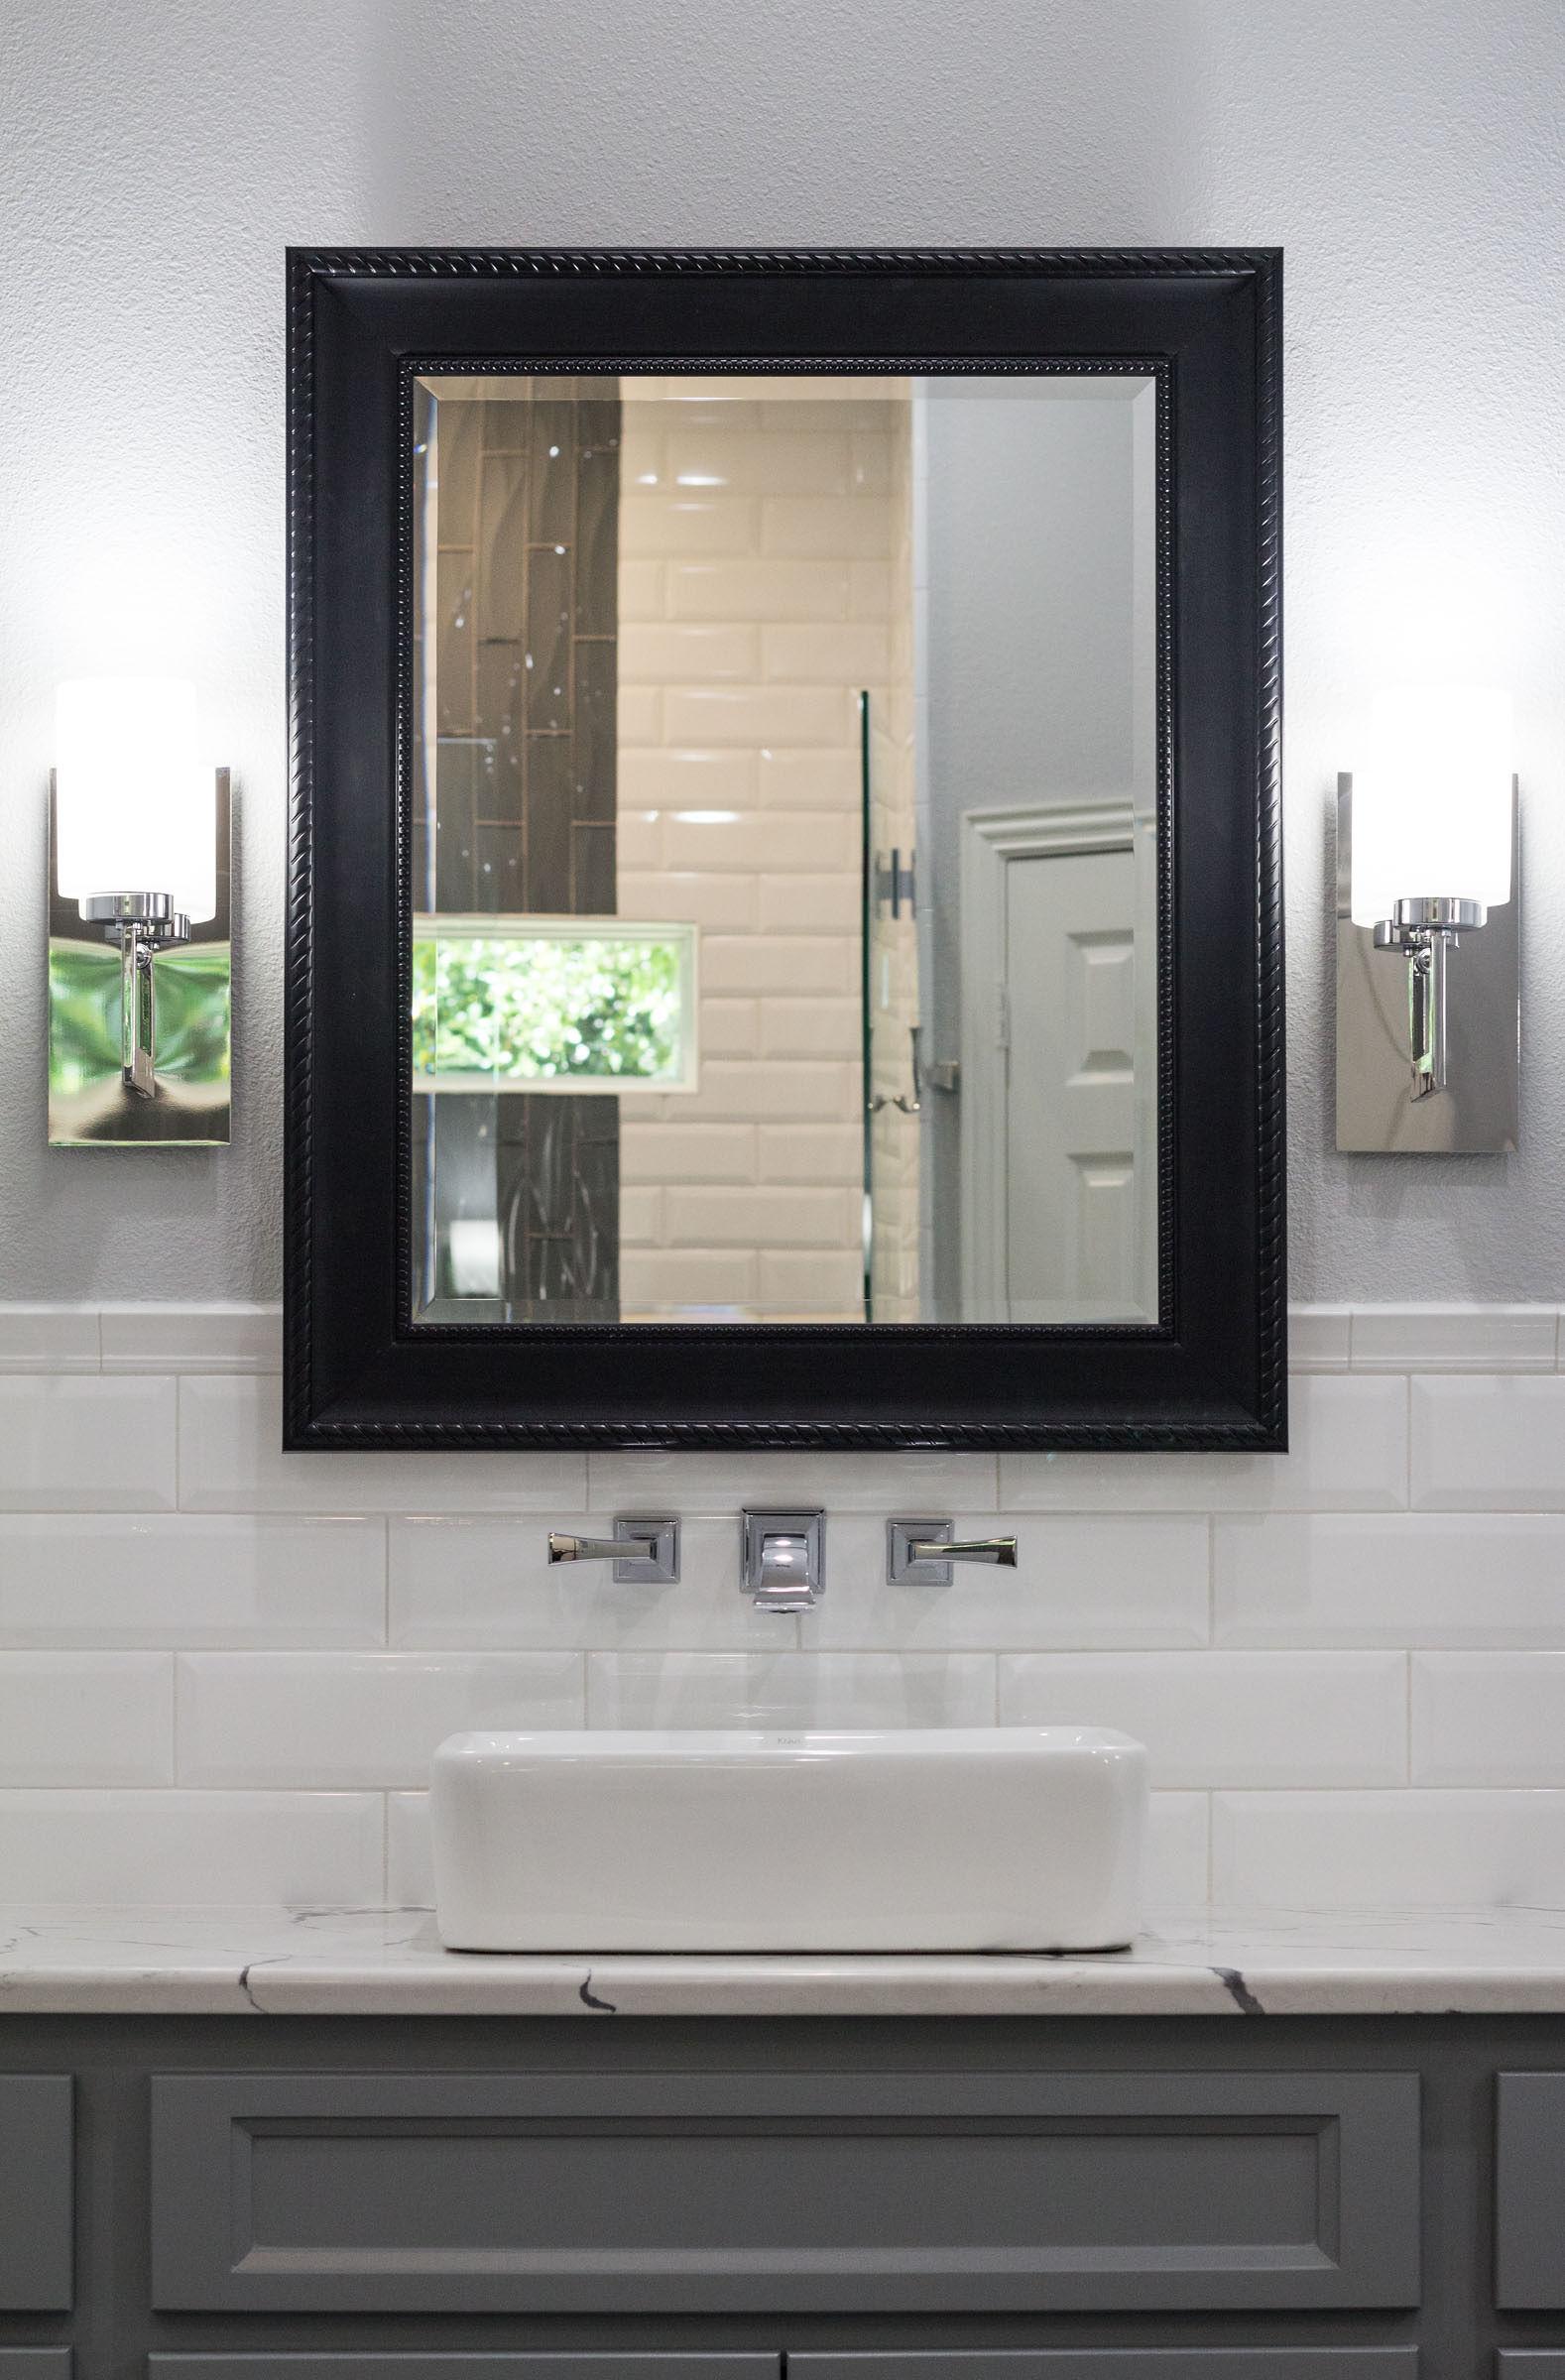 White subway tile backsplash, pedestal sink, chrome hardware, black trimmed mirror, grey shaker cabinets